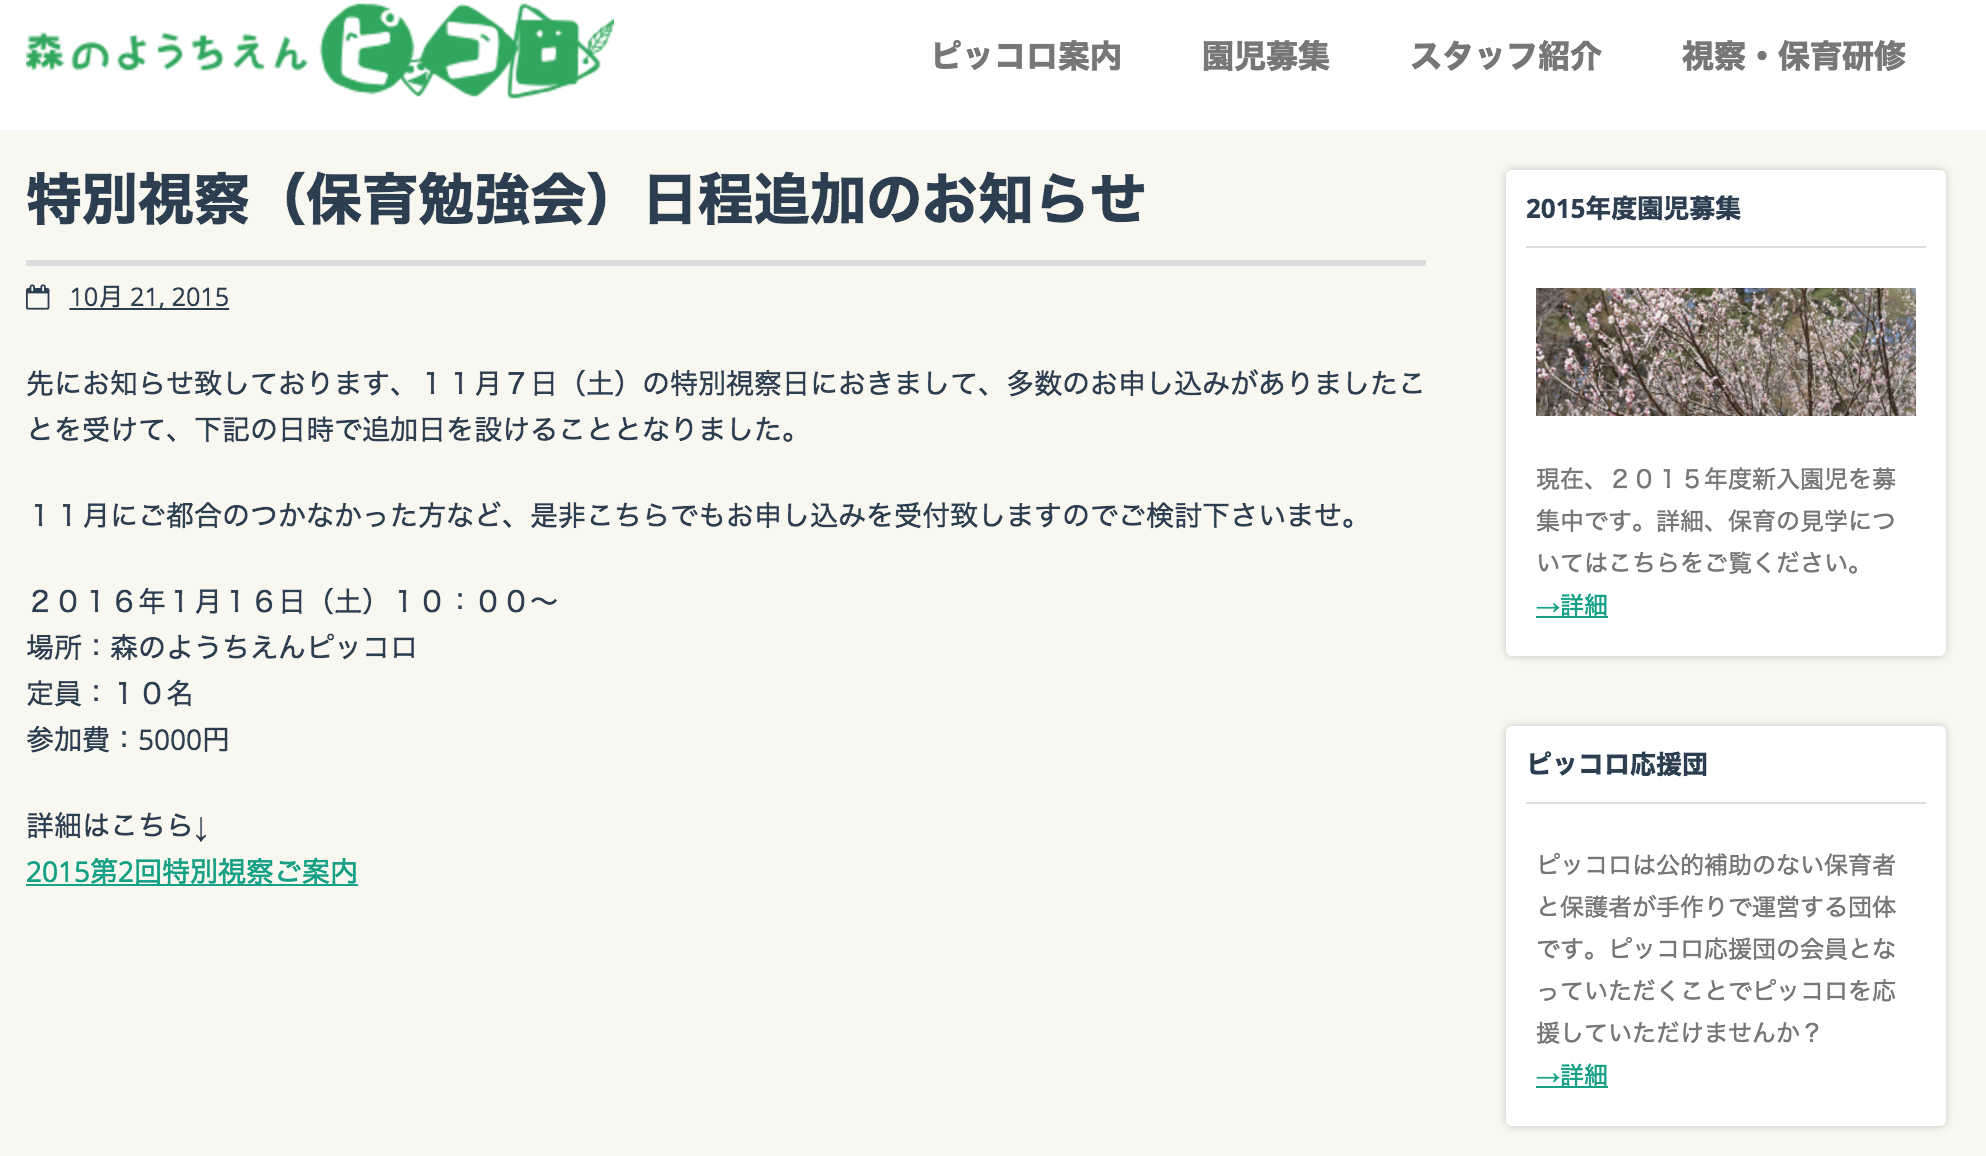 森のようちえんピッコロ 特別視察(保育勉強会)追加日設定のおしらせ@山梨・北杜(1/16)